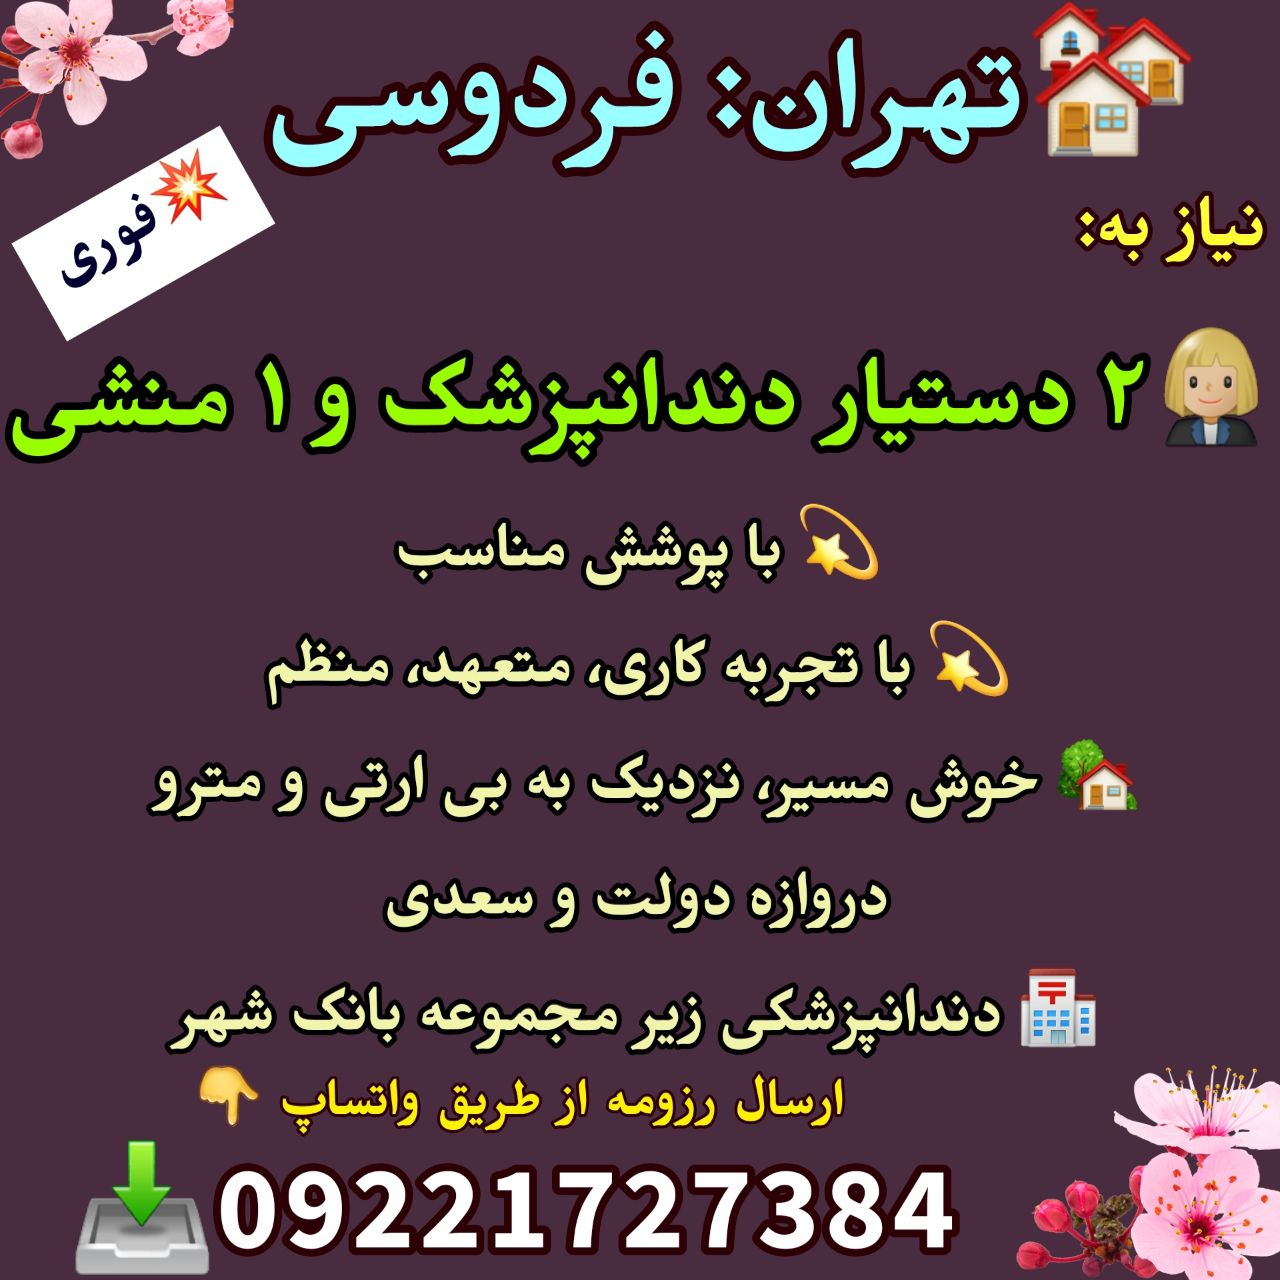 تهران: فردوسی